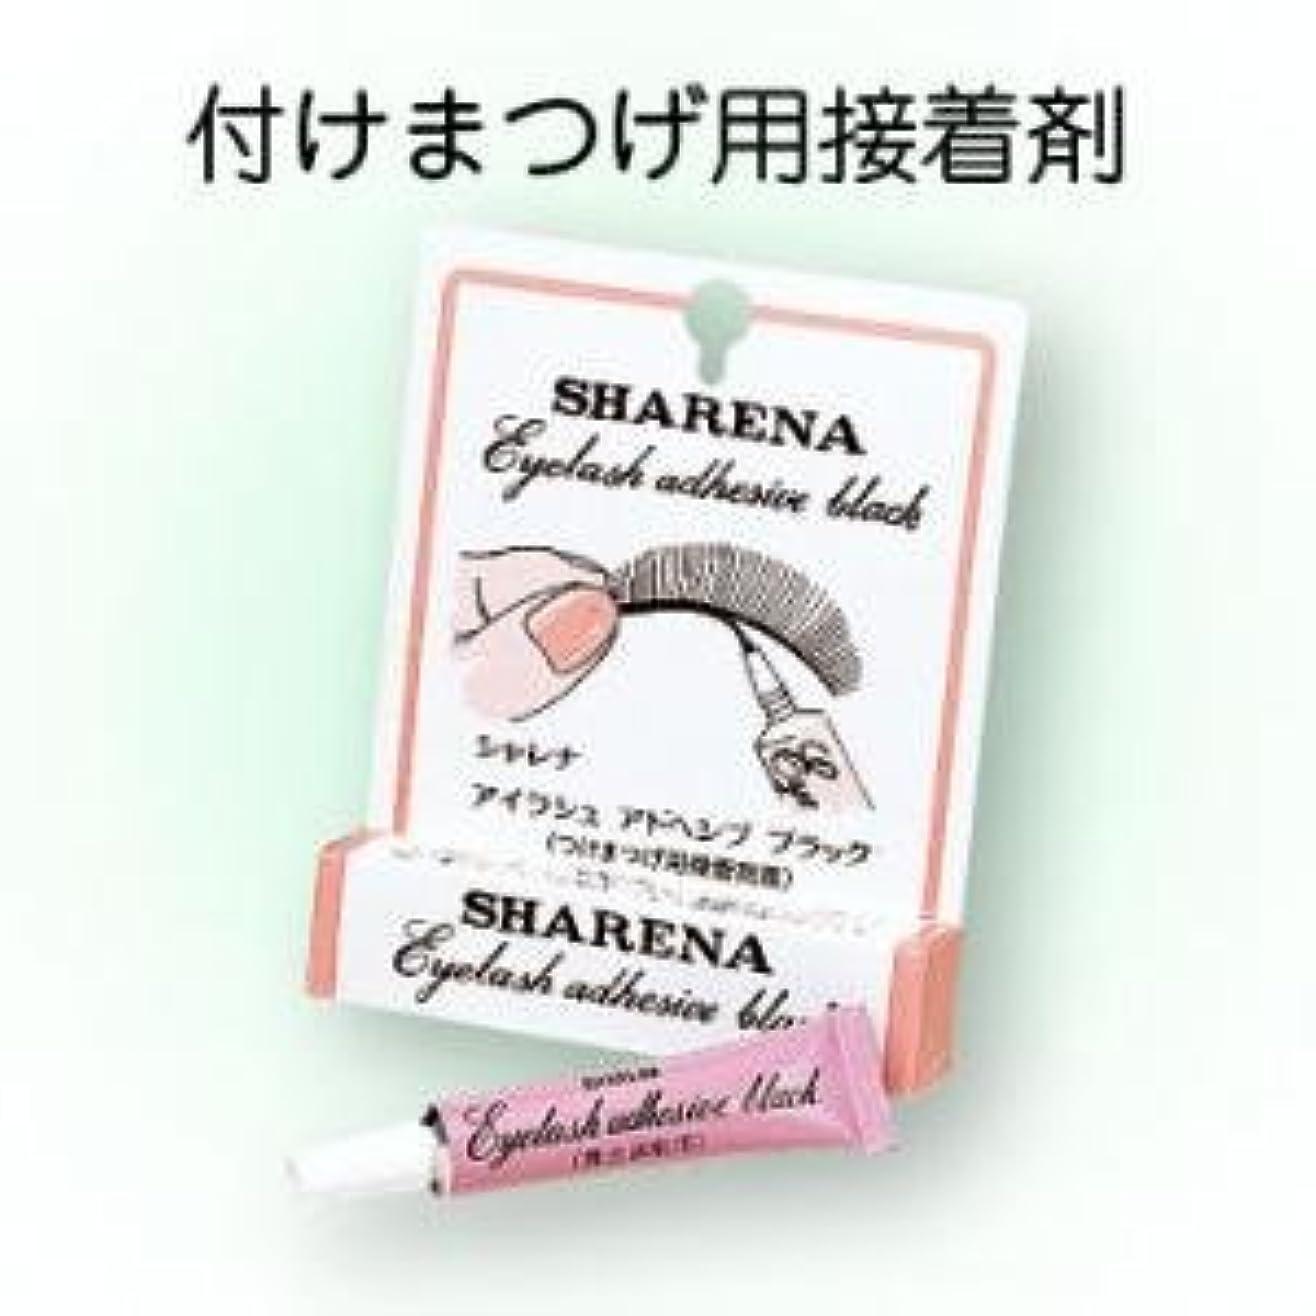 高価な残高他の場所シャレナブラック 3.5g【三善】